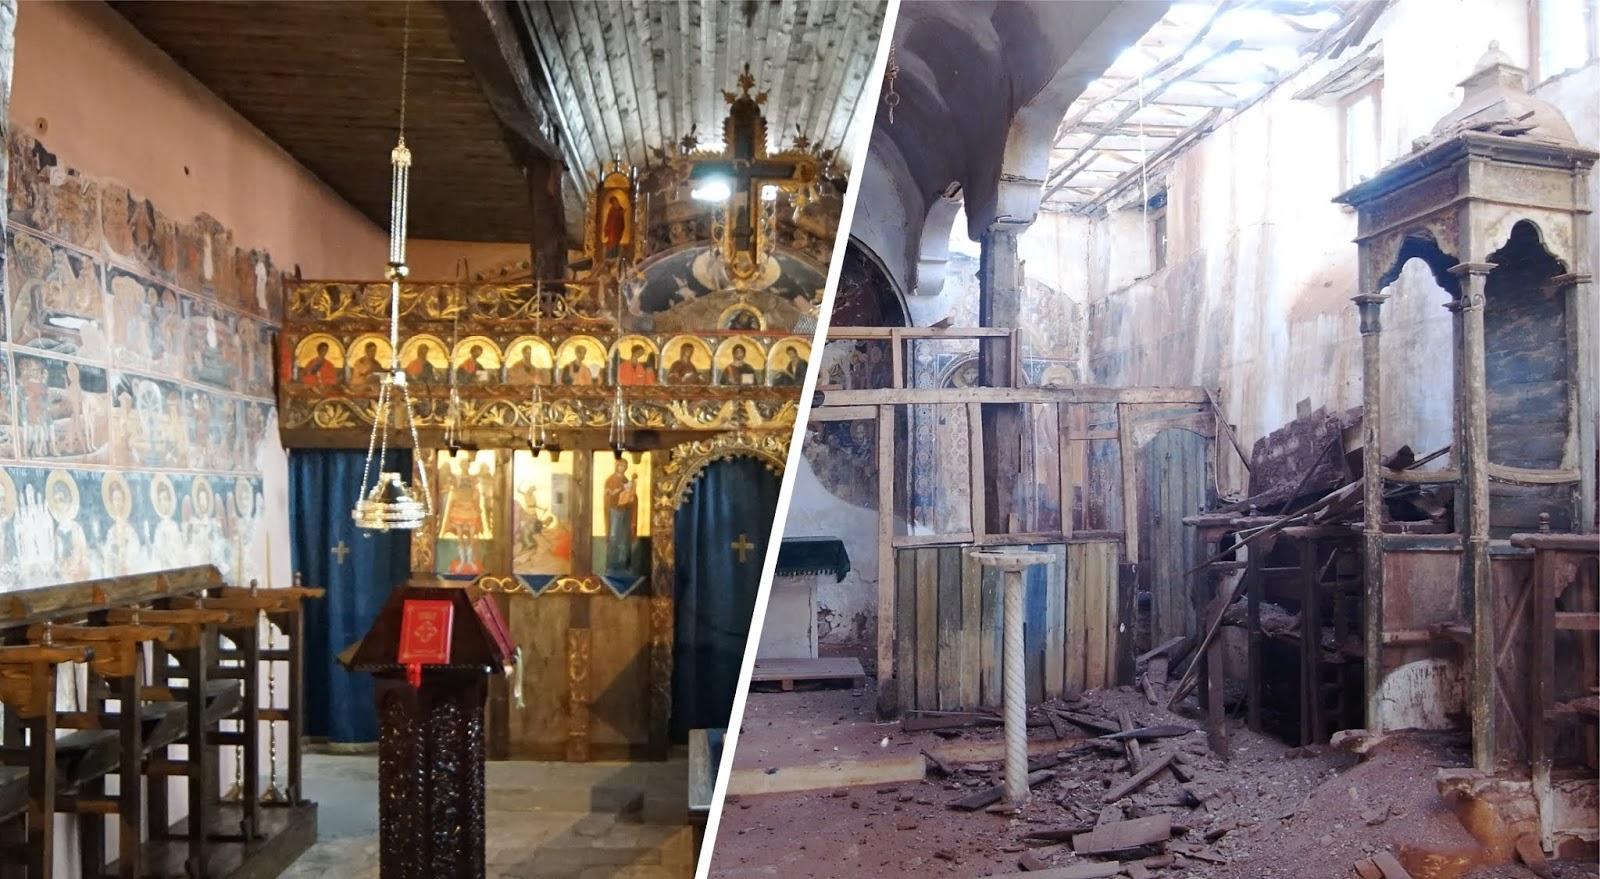 «Το ιστορικό Μοναστήρι του Τιμίου Προδρόμου Ανατολής Αναστηλωμένο» στη Δημοτική Πινακοθήκη Λάρισας